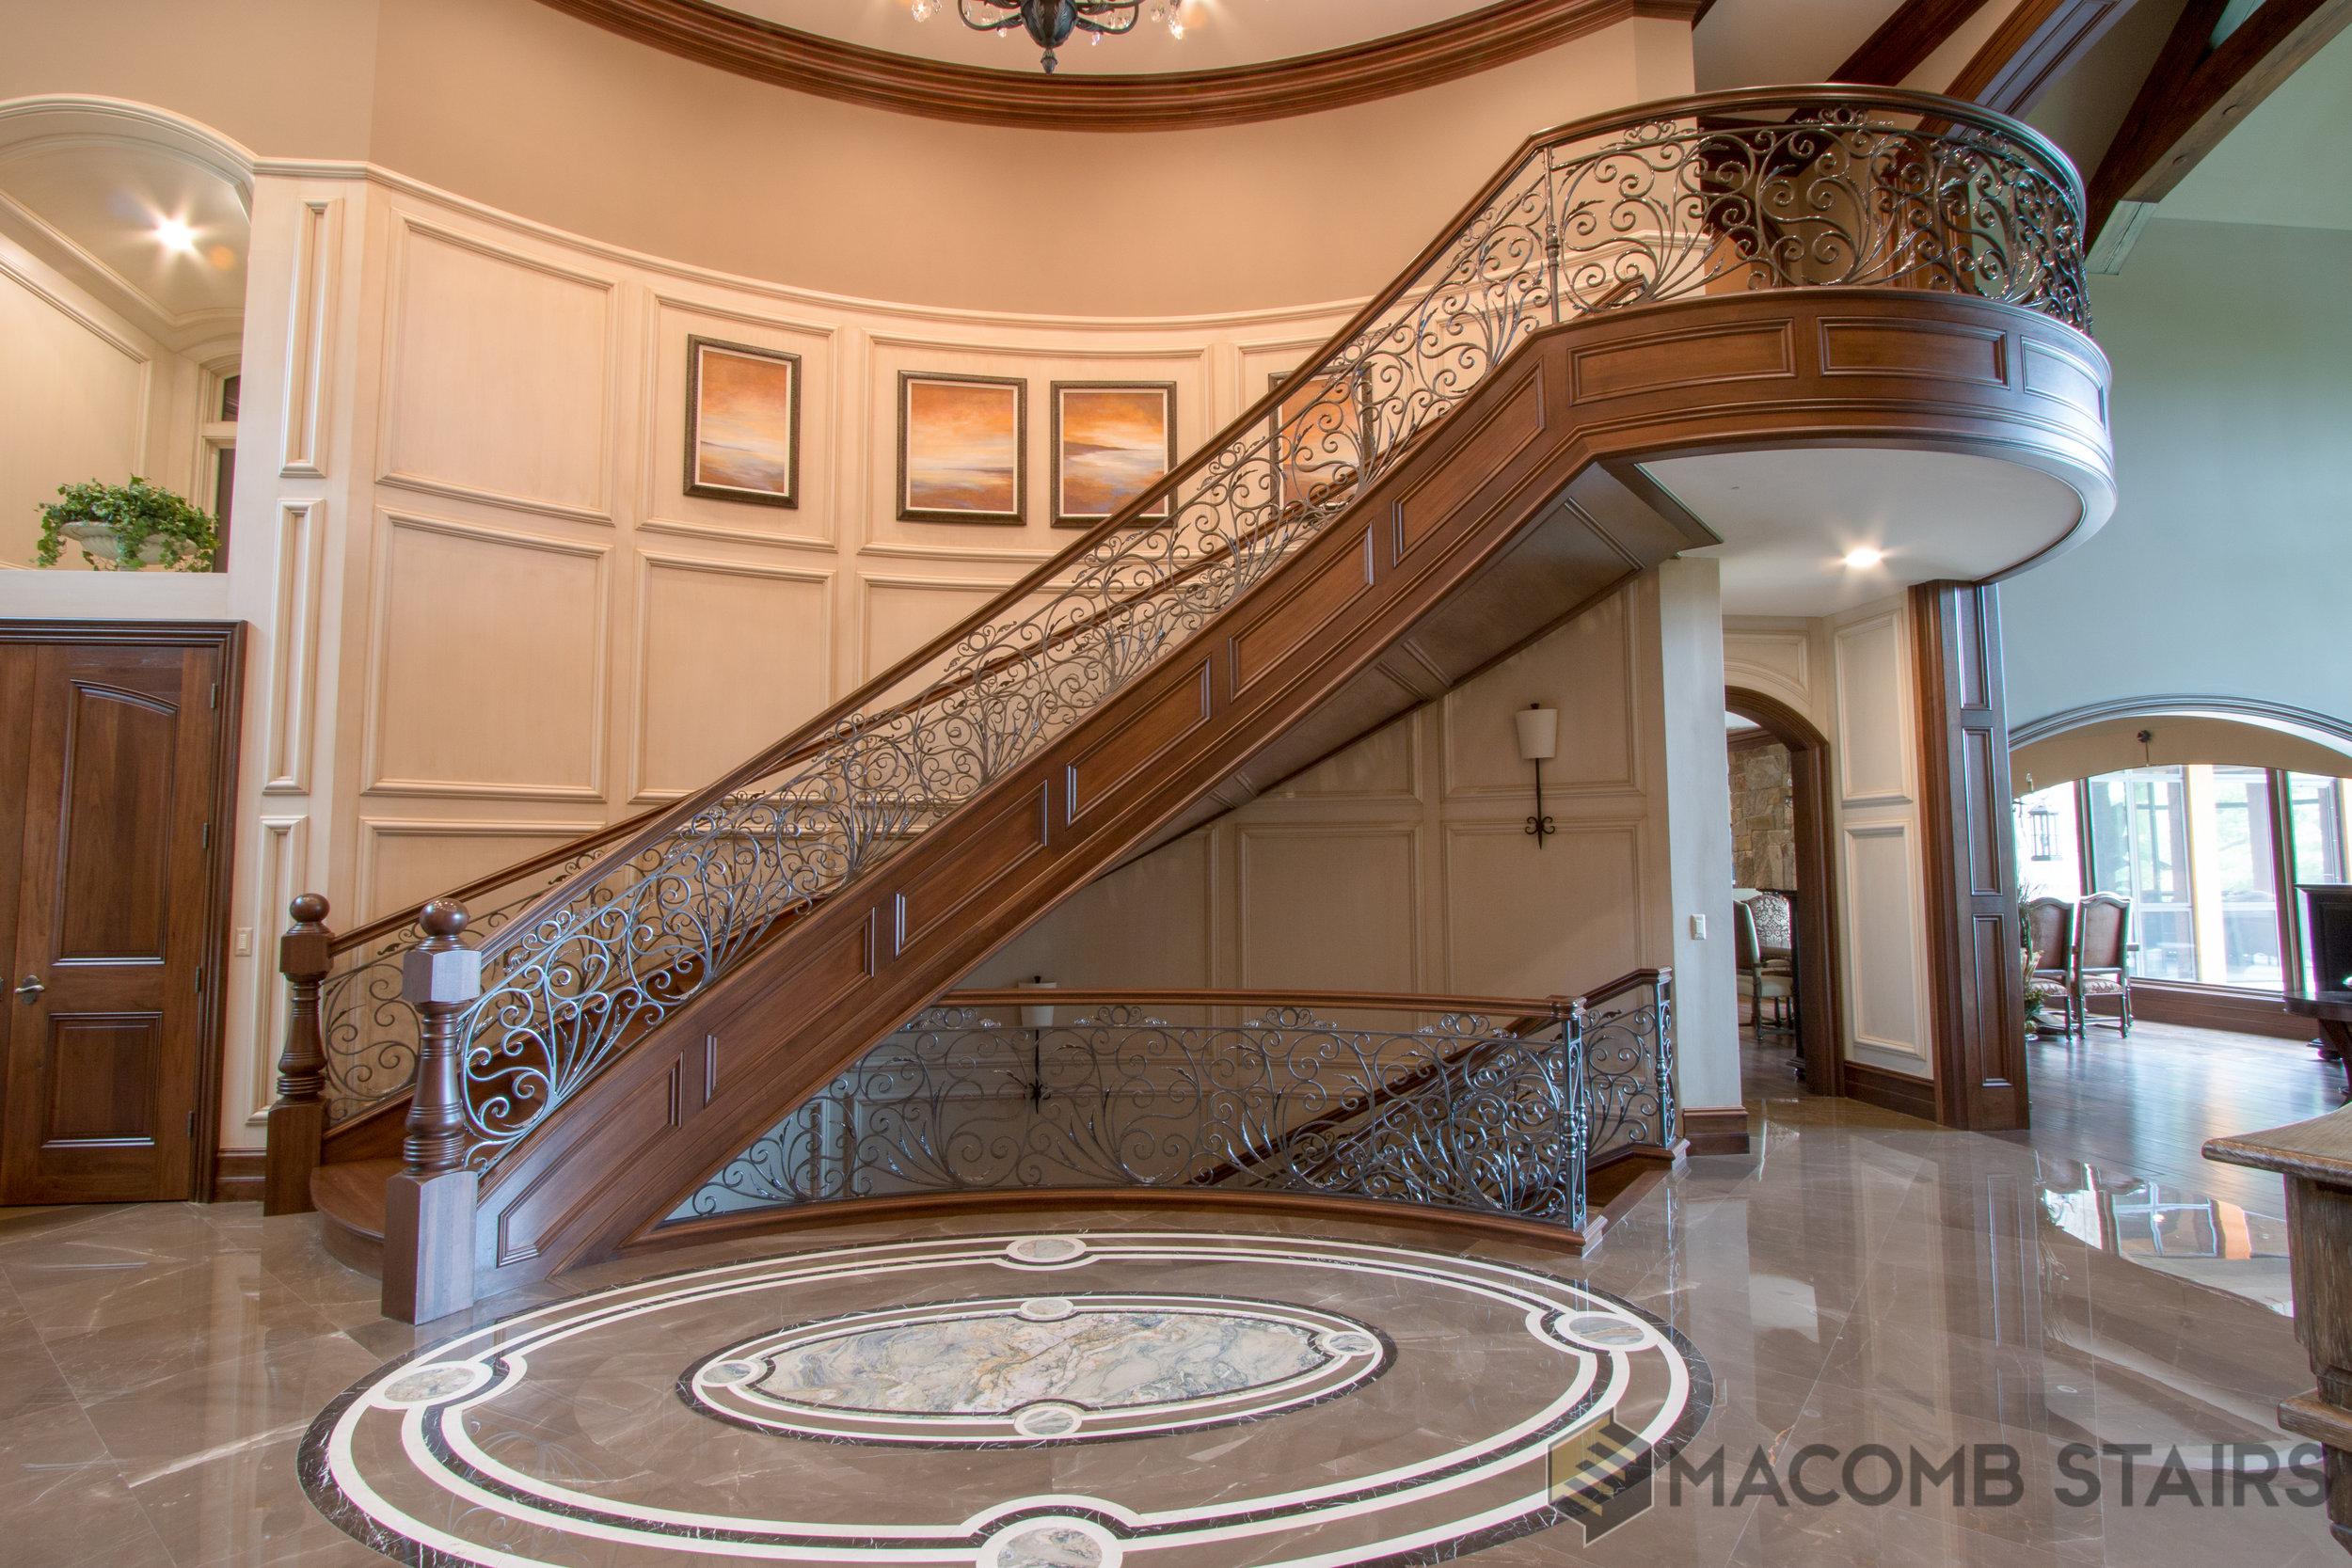 Macomb Stairs- Stair Photo-7.jpg